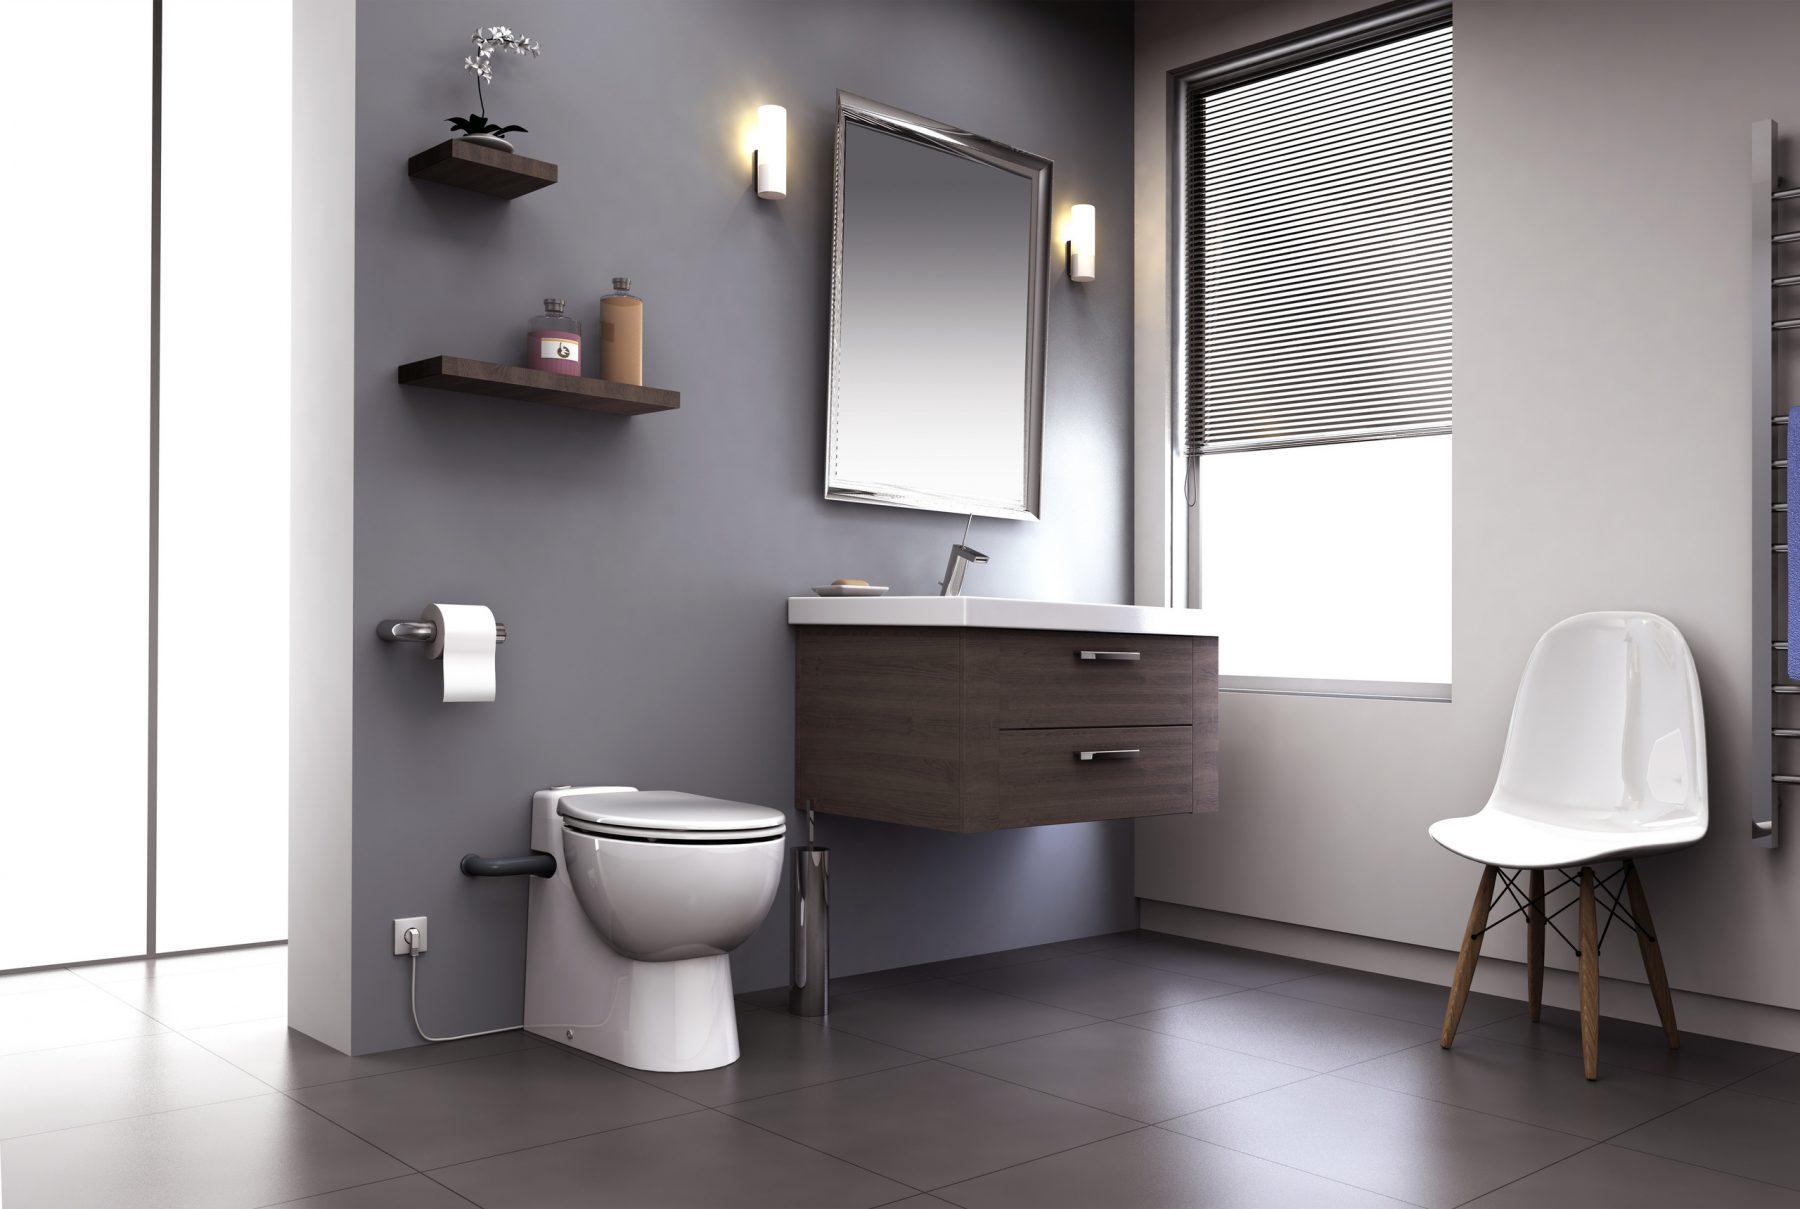 fiche produit de la salle de bains wc broyeur int gr s. Black Bedroom Furniture Sets. Home Design Ideas